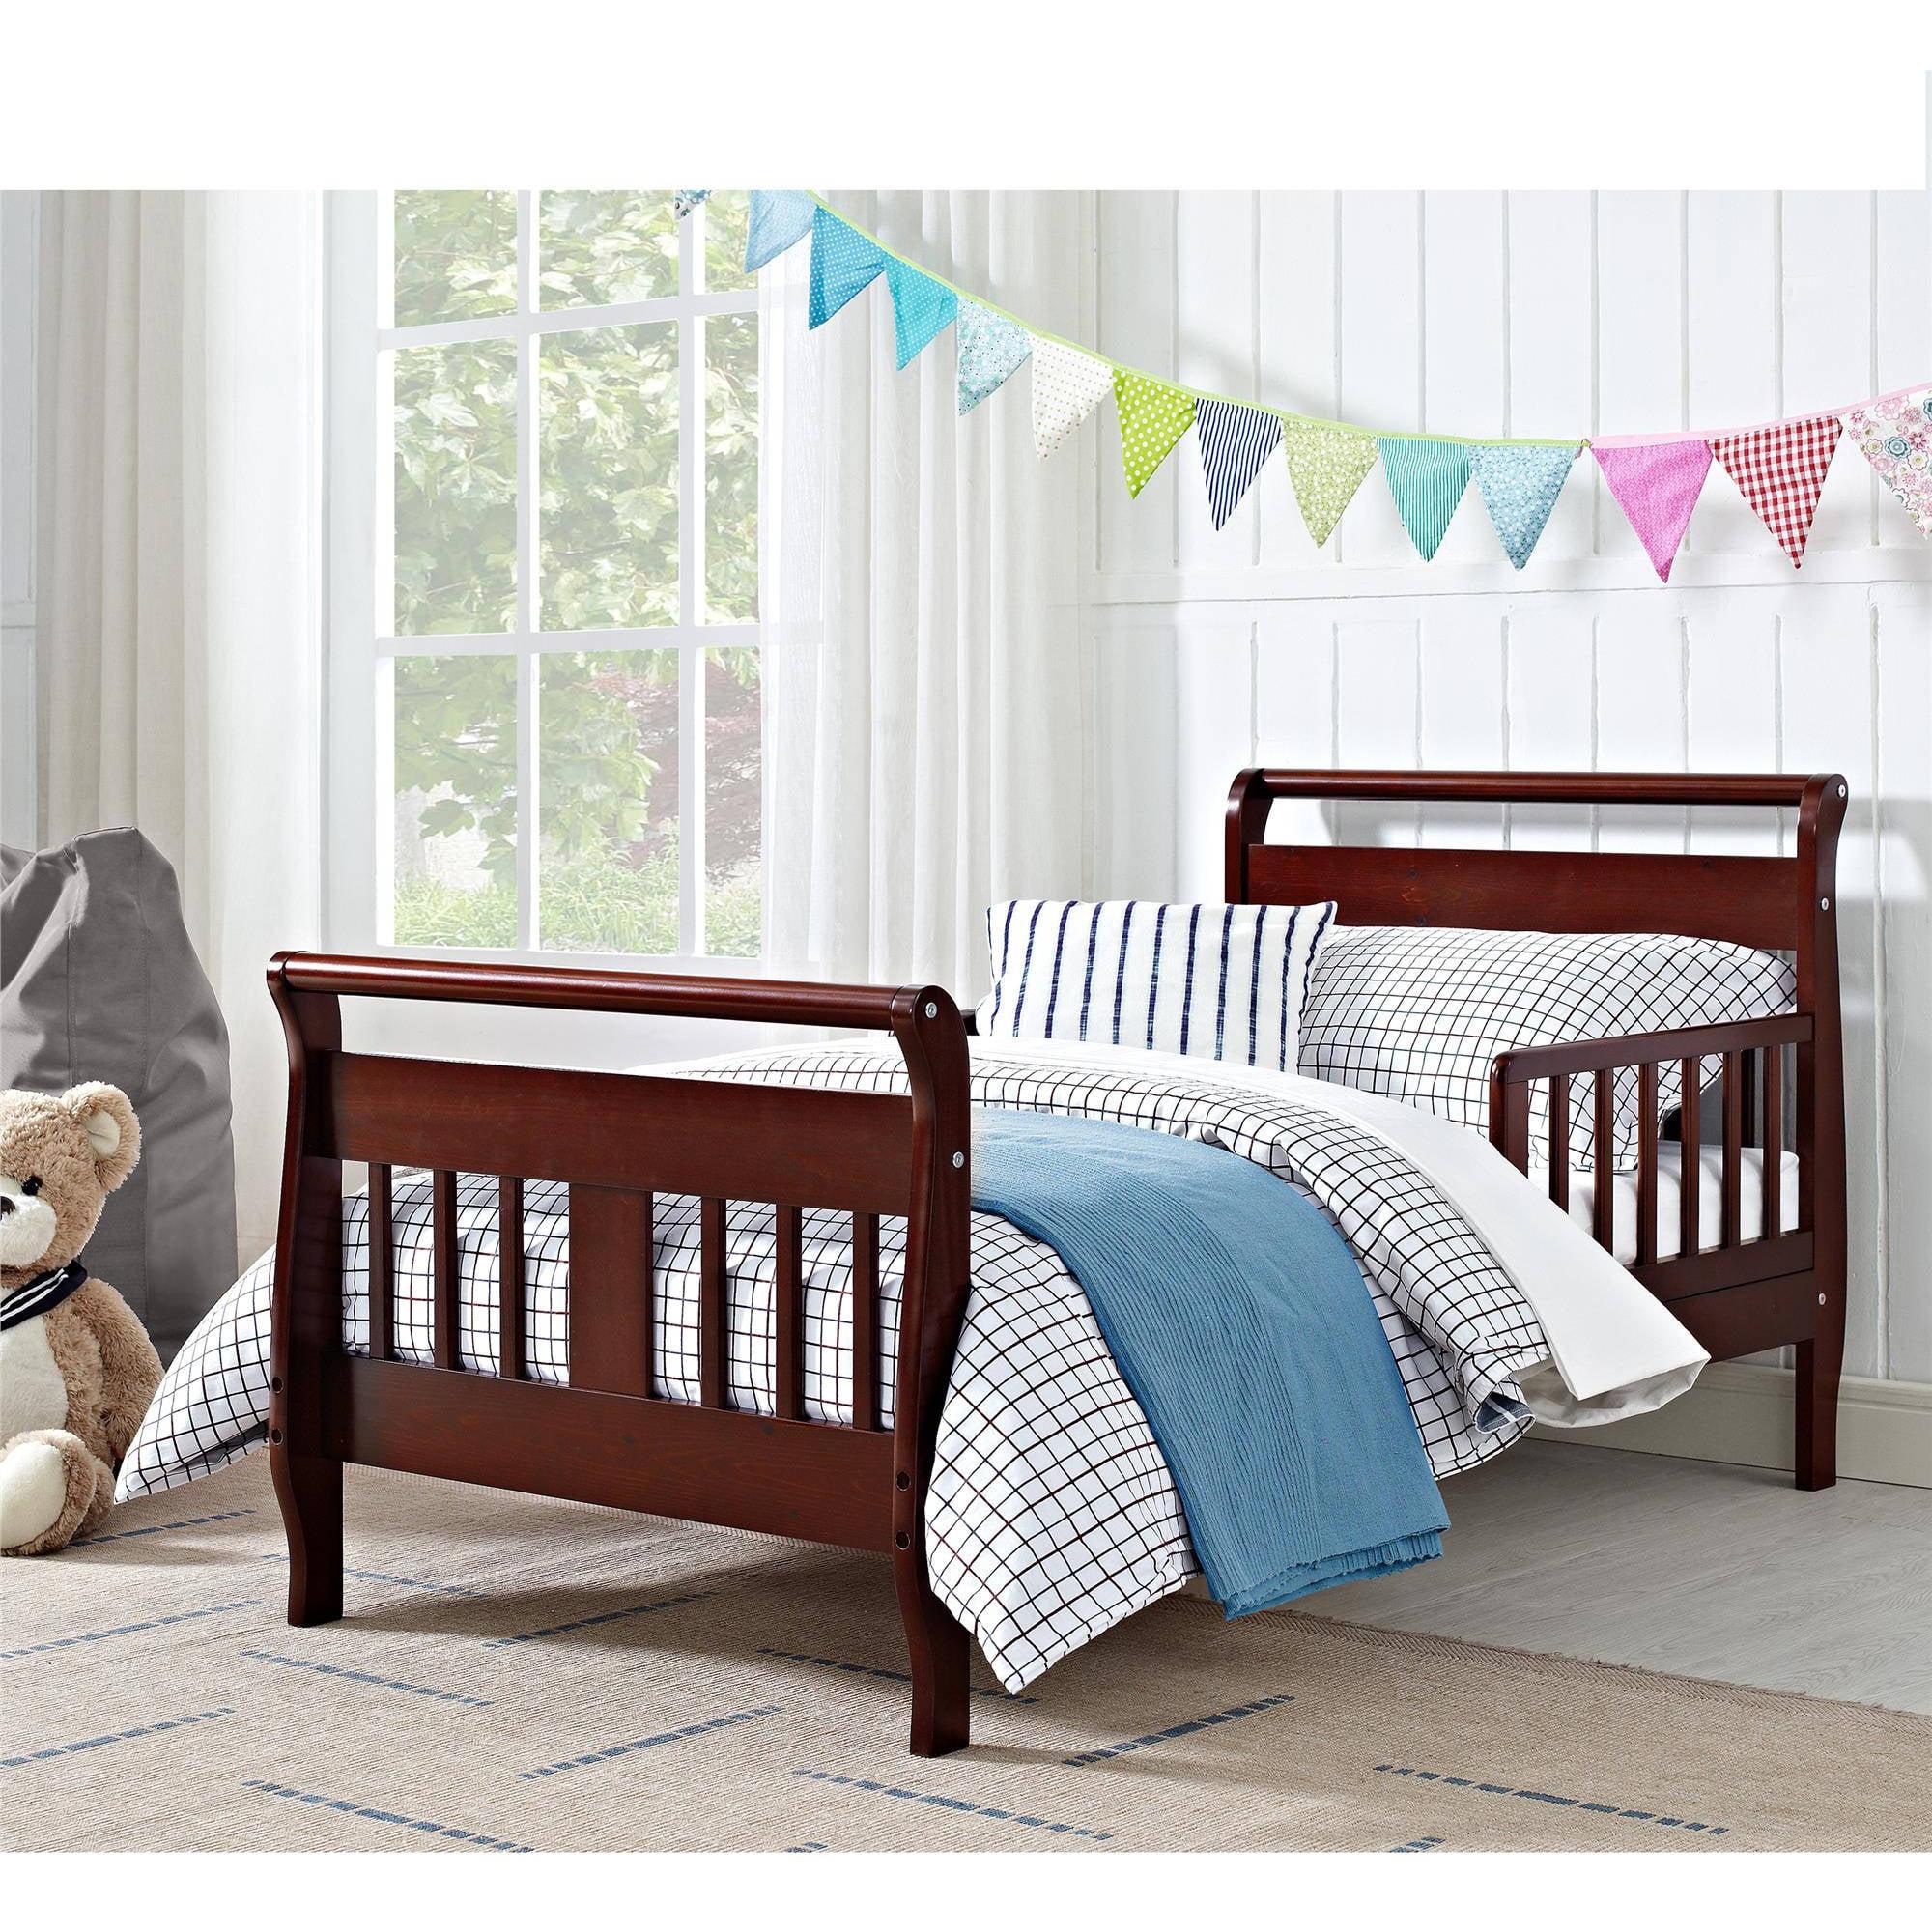 disney princess toddler bed. Black Bedroom Furniture Sets. Home Design Ideas